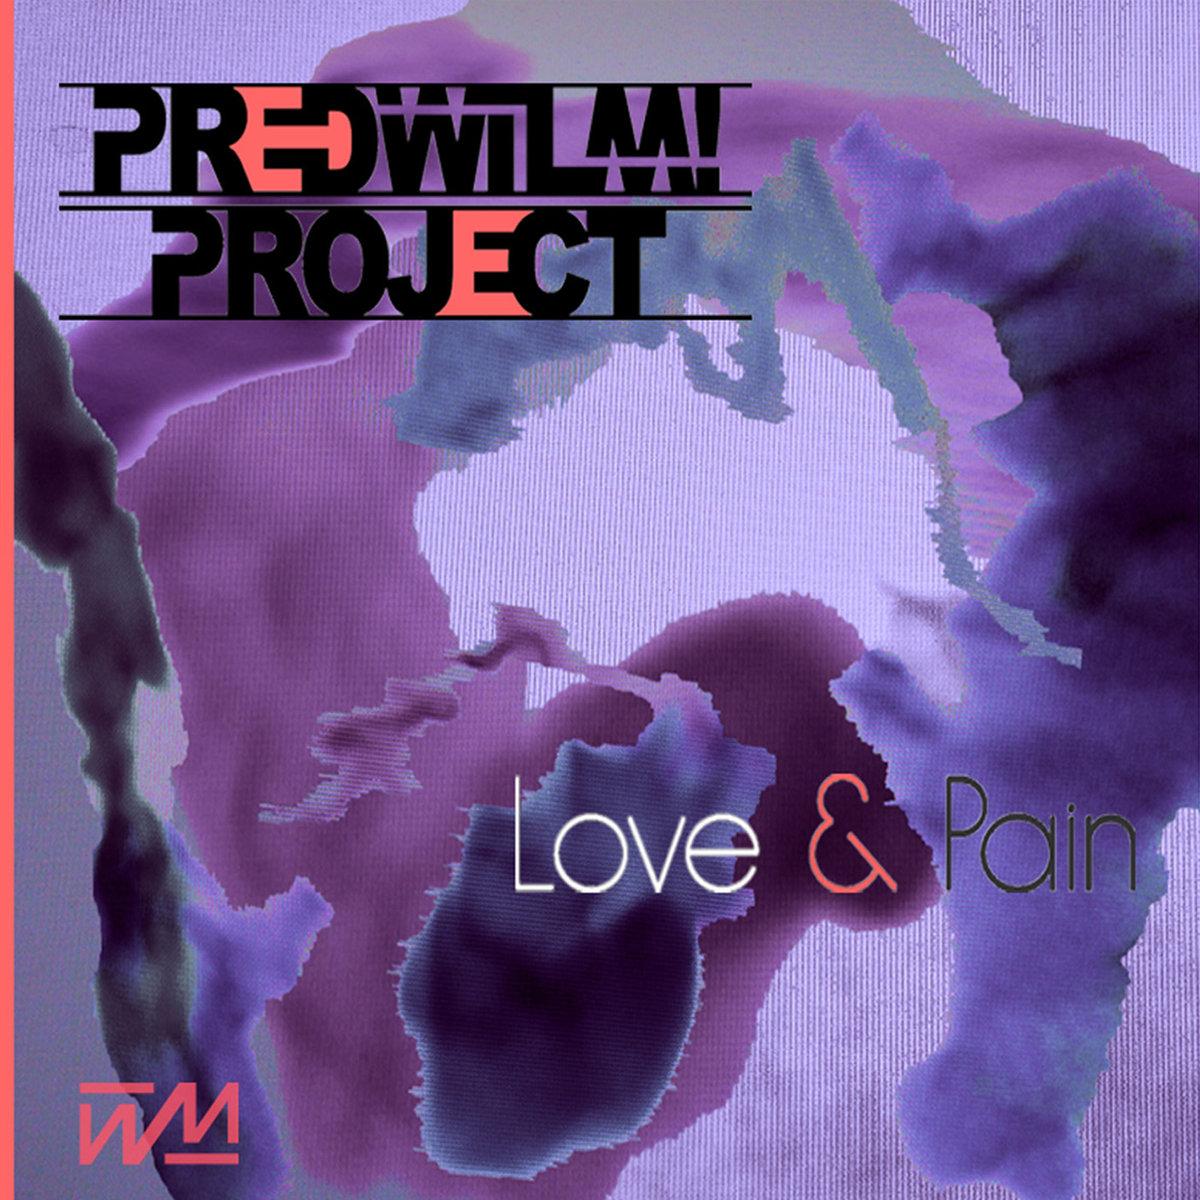 love pain nouvel album de predwilm project electro reims plate forme des musiques. Black Bedroom Furniture Sets. Home Design Ideas